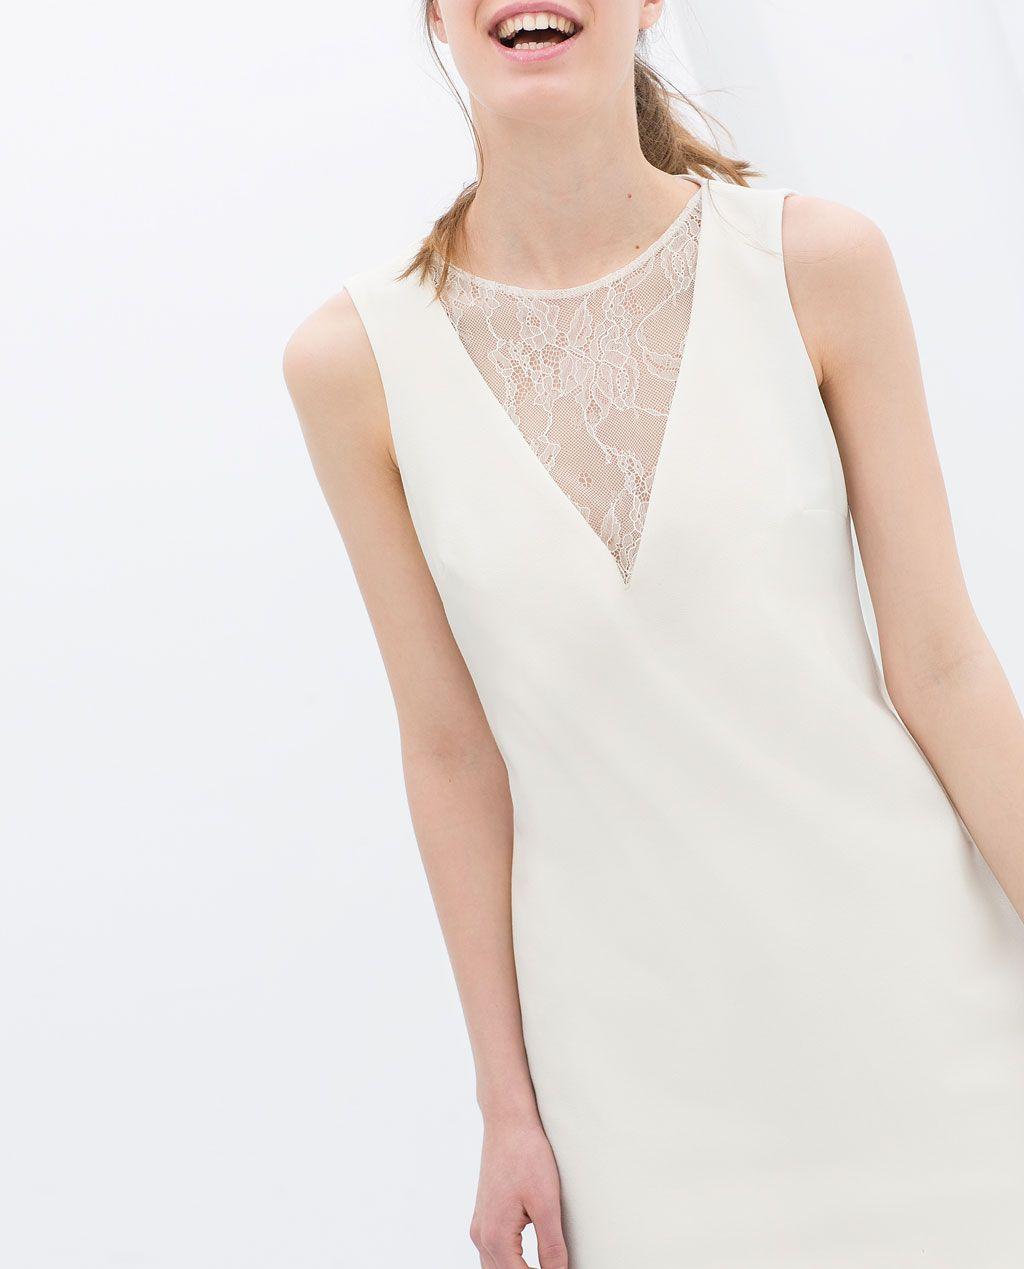 Zara robe blanc casse